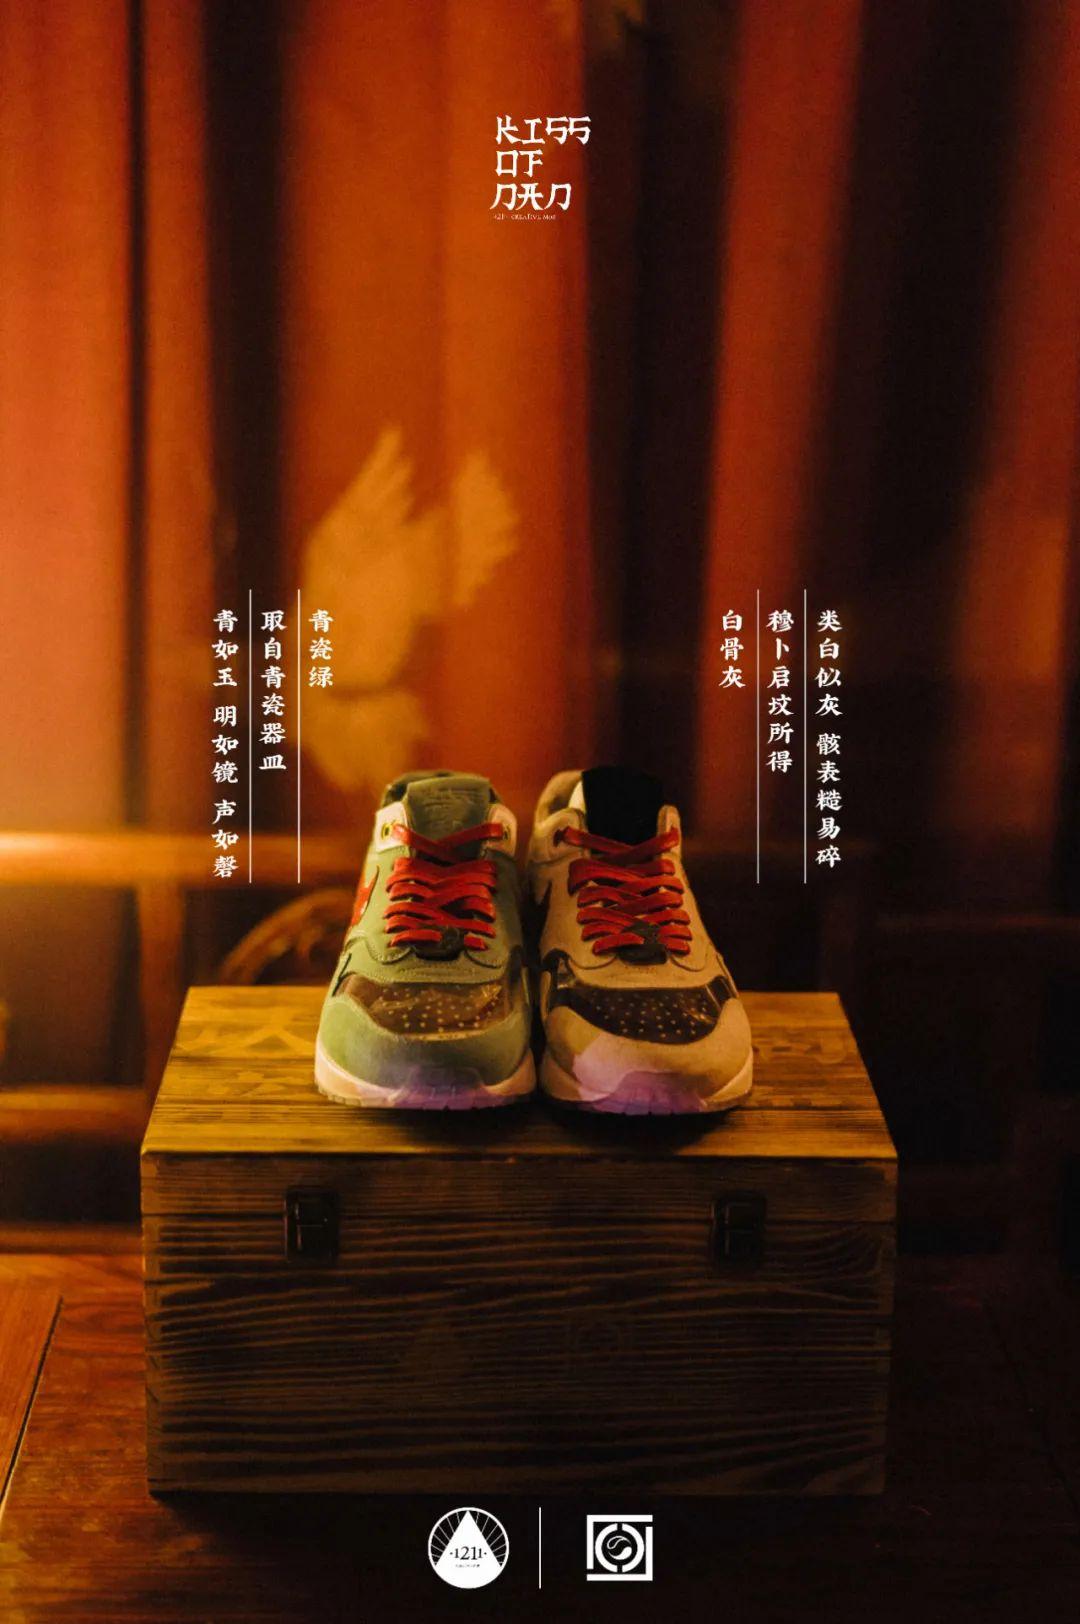 """1211MOB 团队以""""滴血认亲""""为主题,改造死亡之吻嘲讽陈冠希及Nike跪族!"""